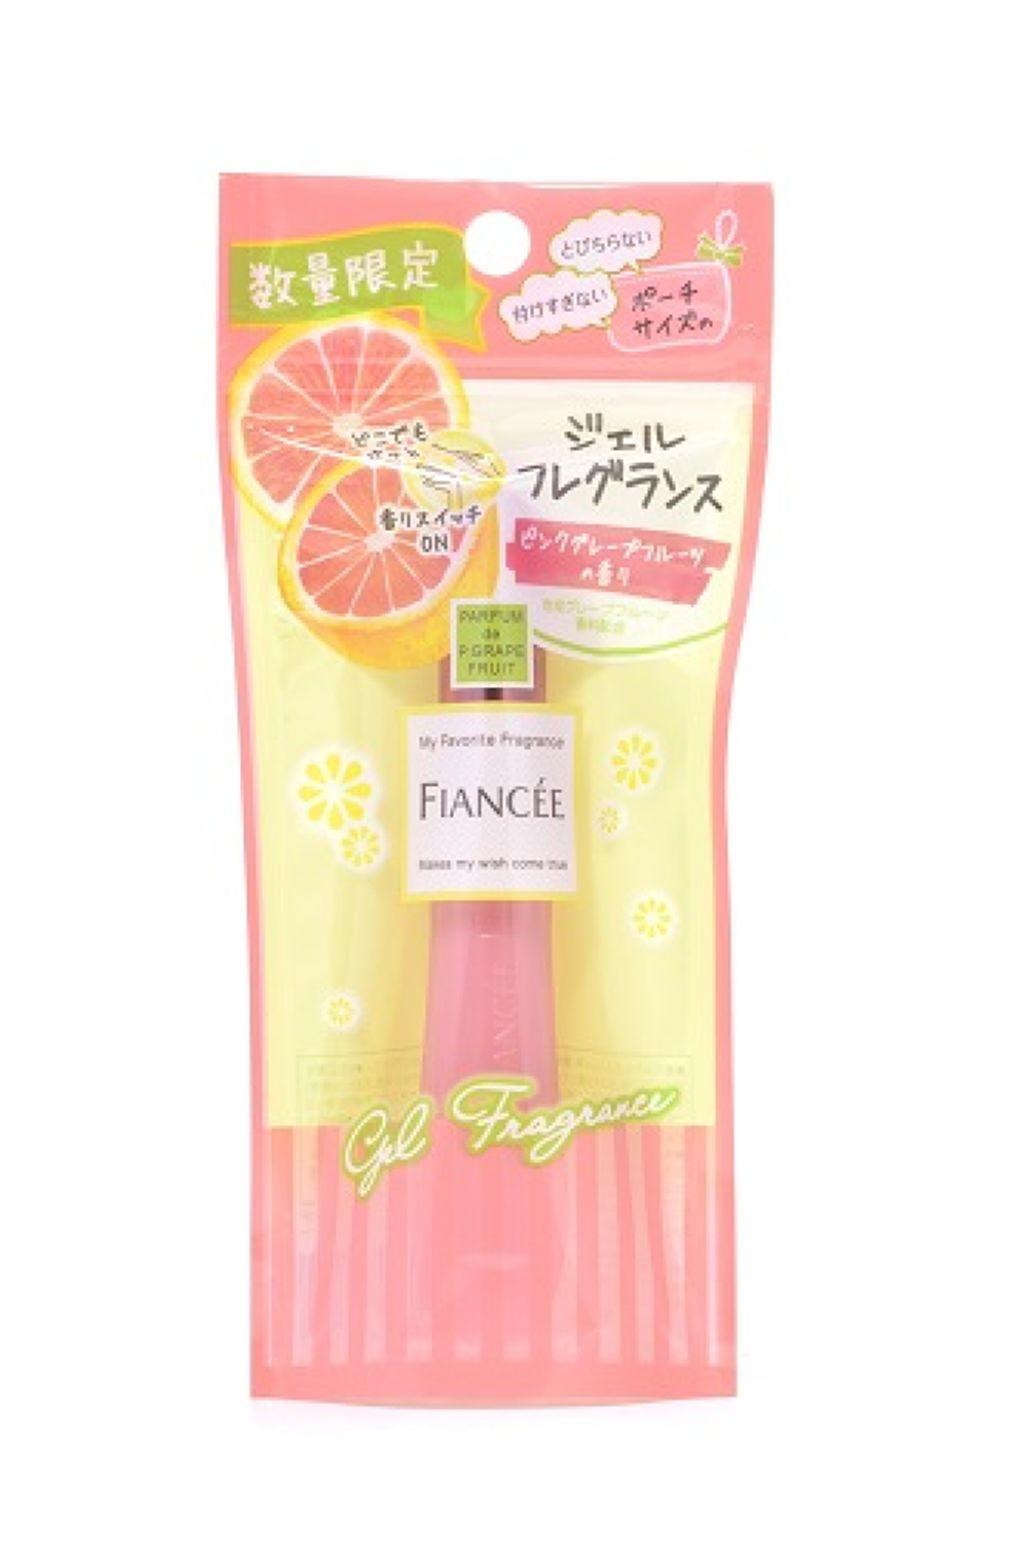 フィアンセ ジェルフレグランス ピンクグープフルーツの香り